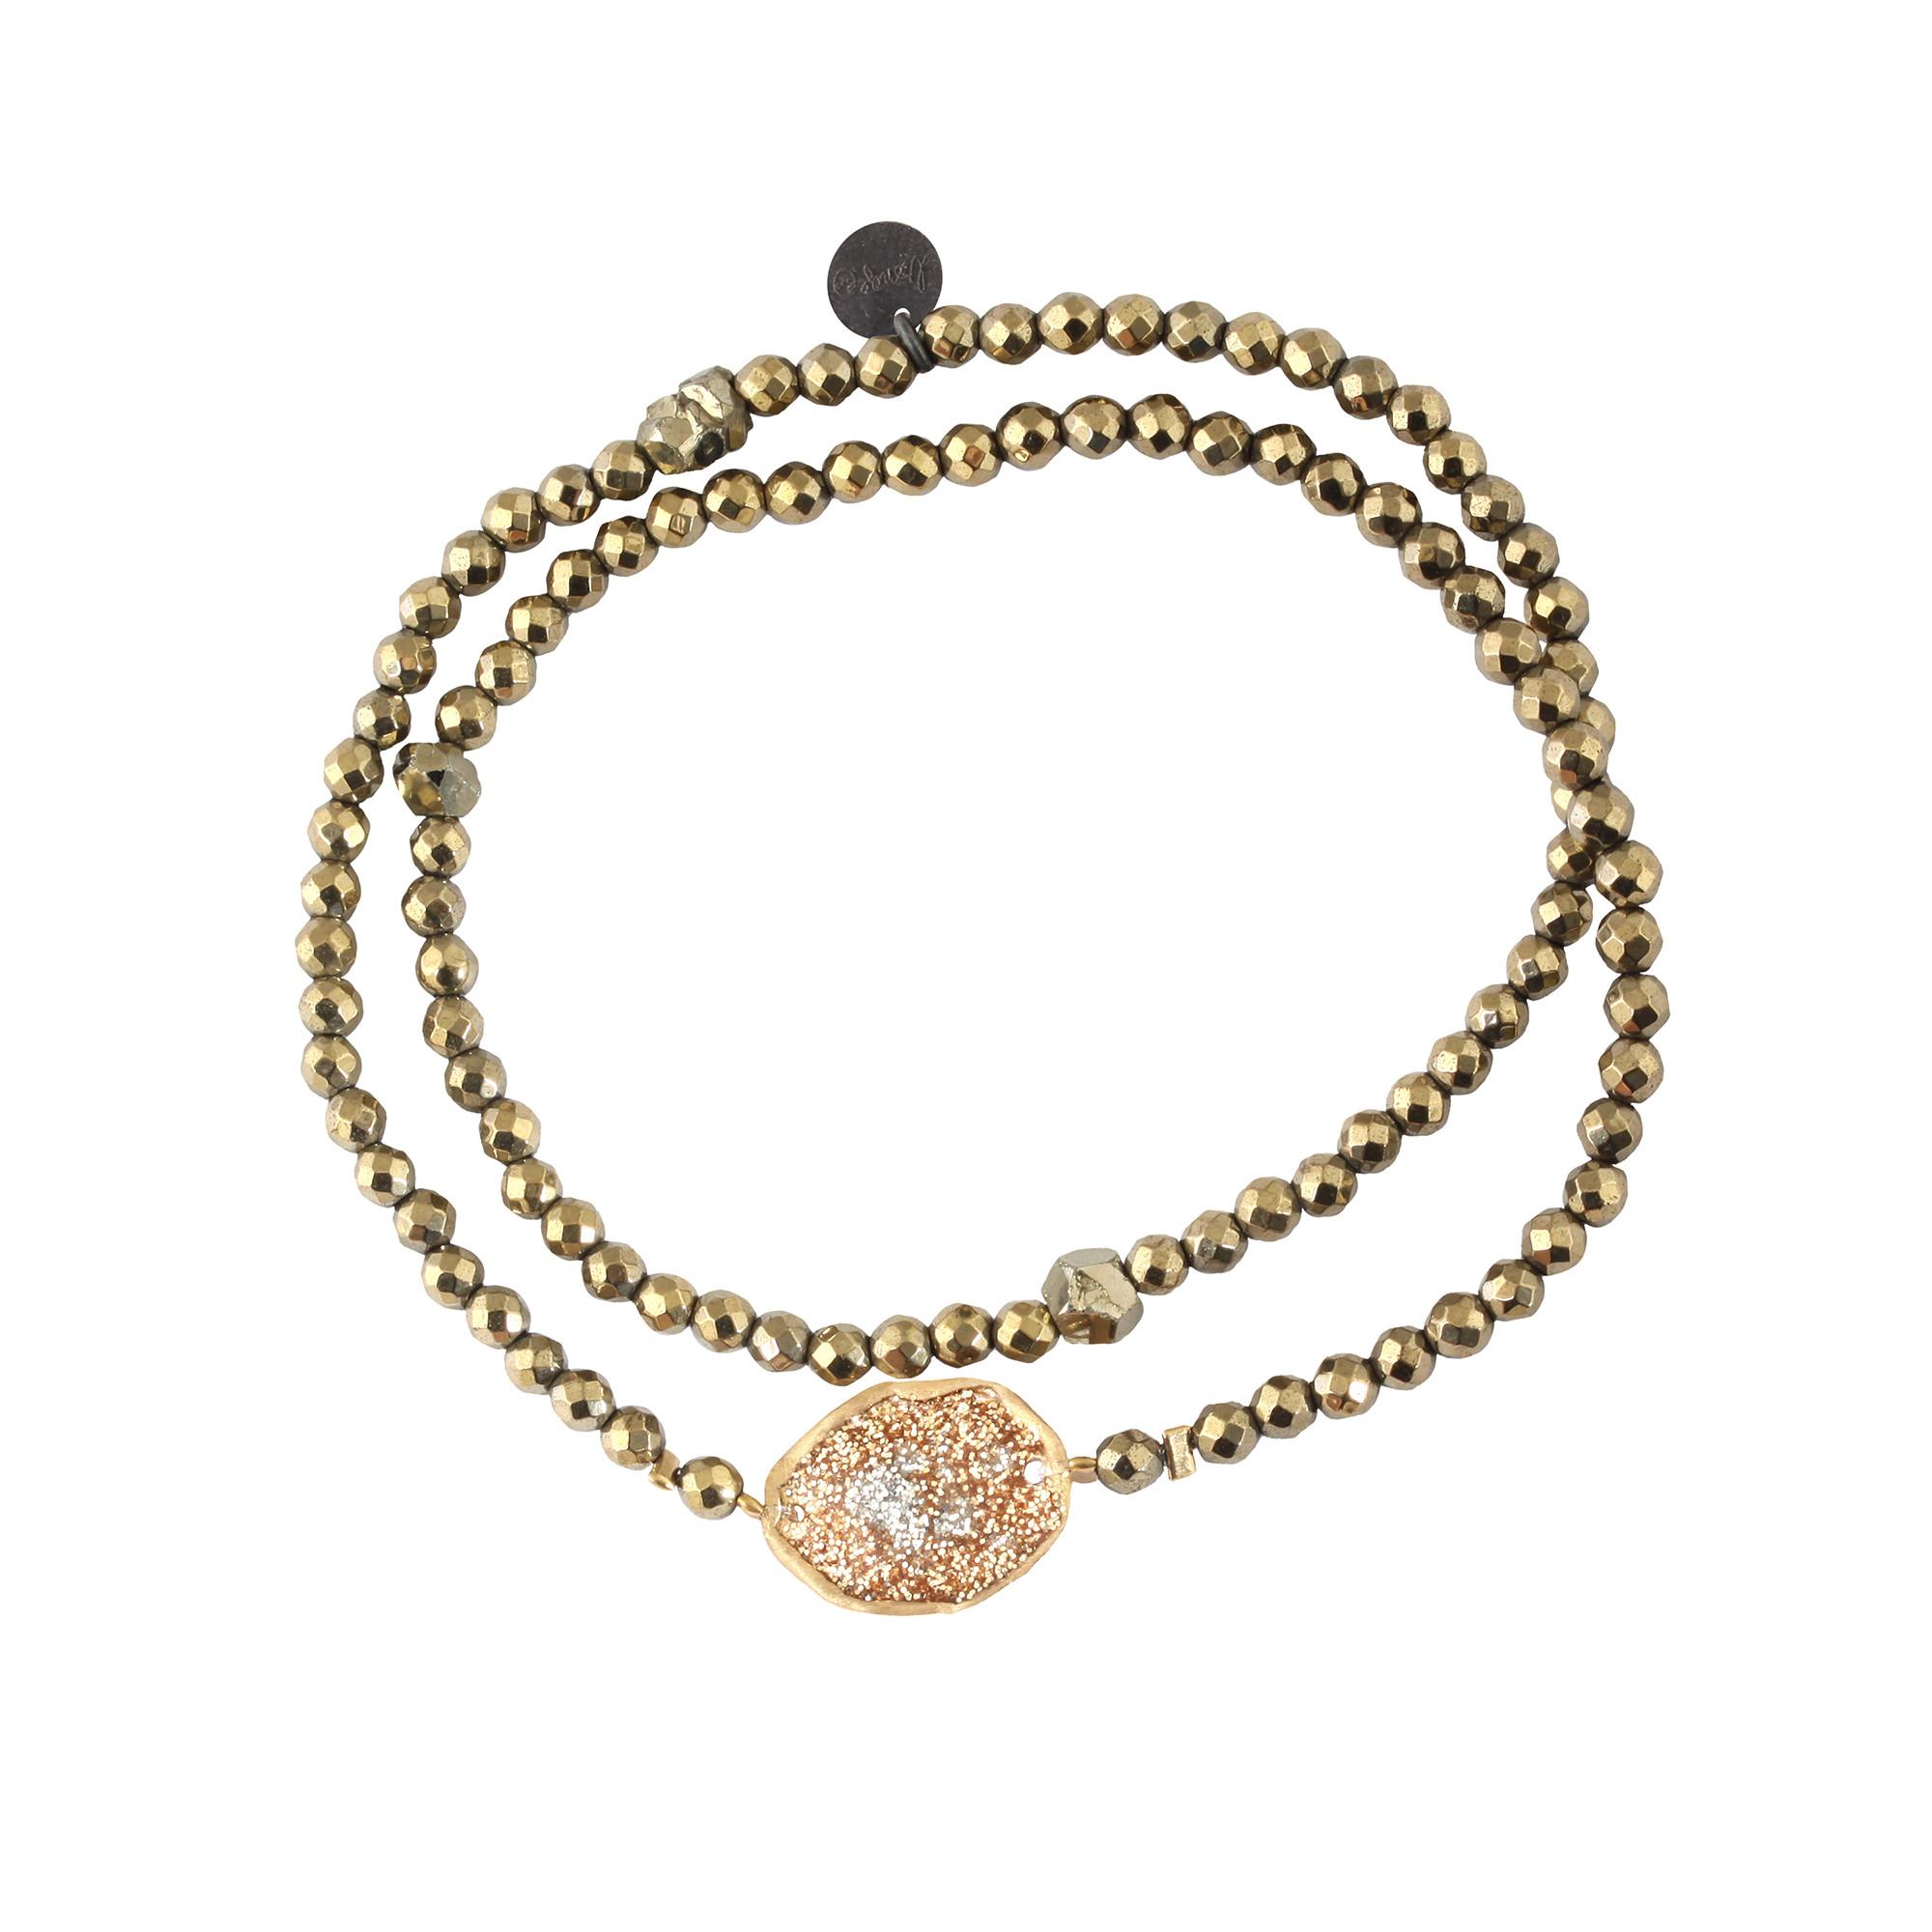 LSONGE - Bracelet Double Eclat Médaille M Argent Doré Hématite Kaki